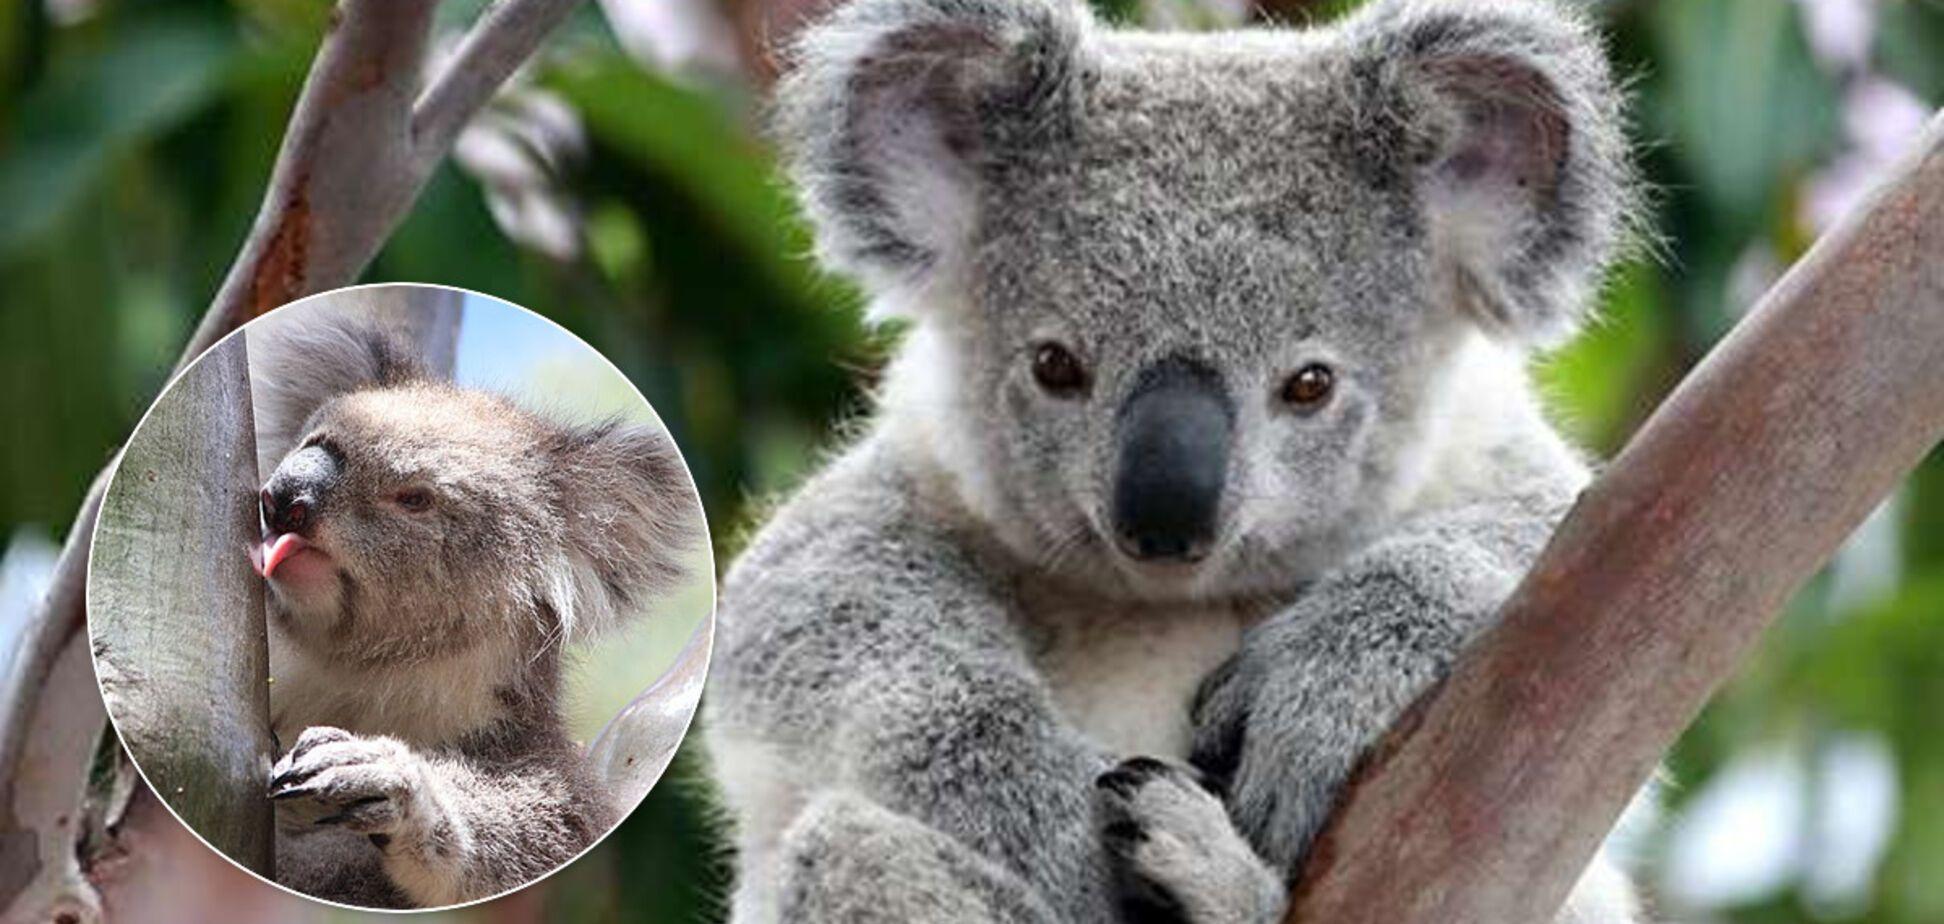 Відповіді не було 13 років: вчені нарешті відповіли на 'загадку століття' про коал. Відео